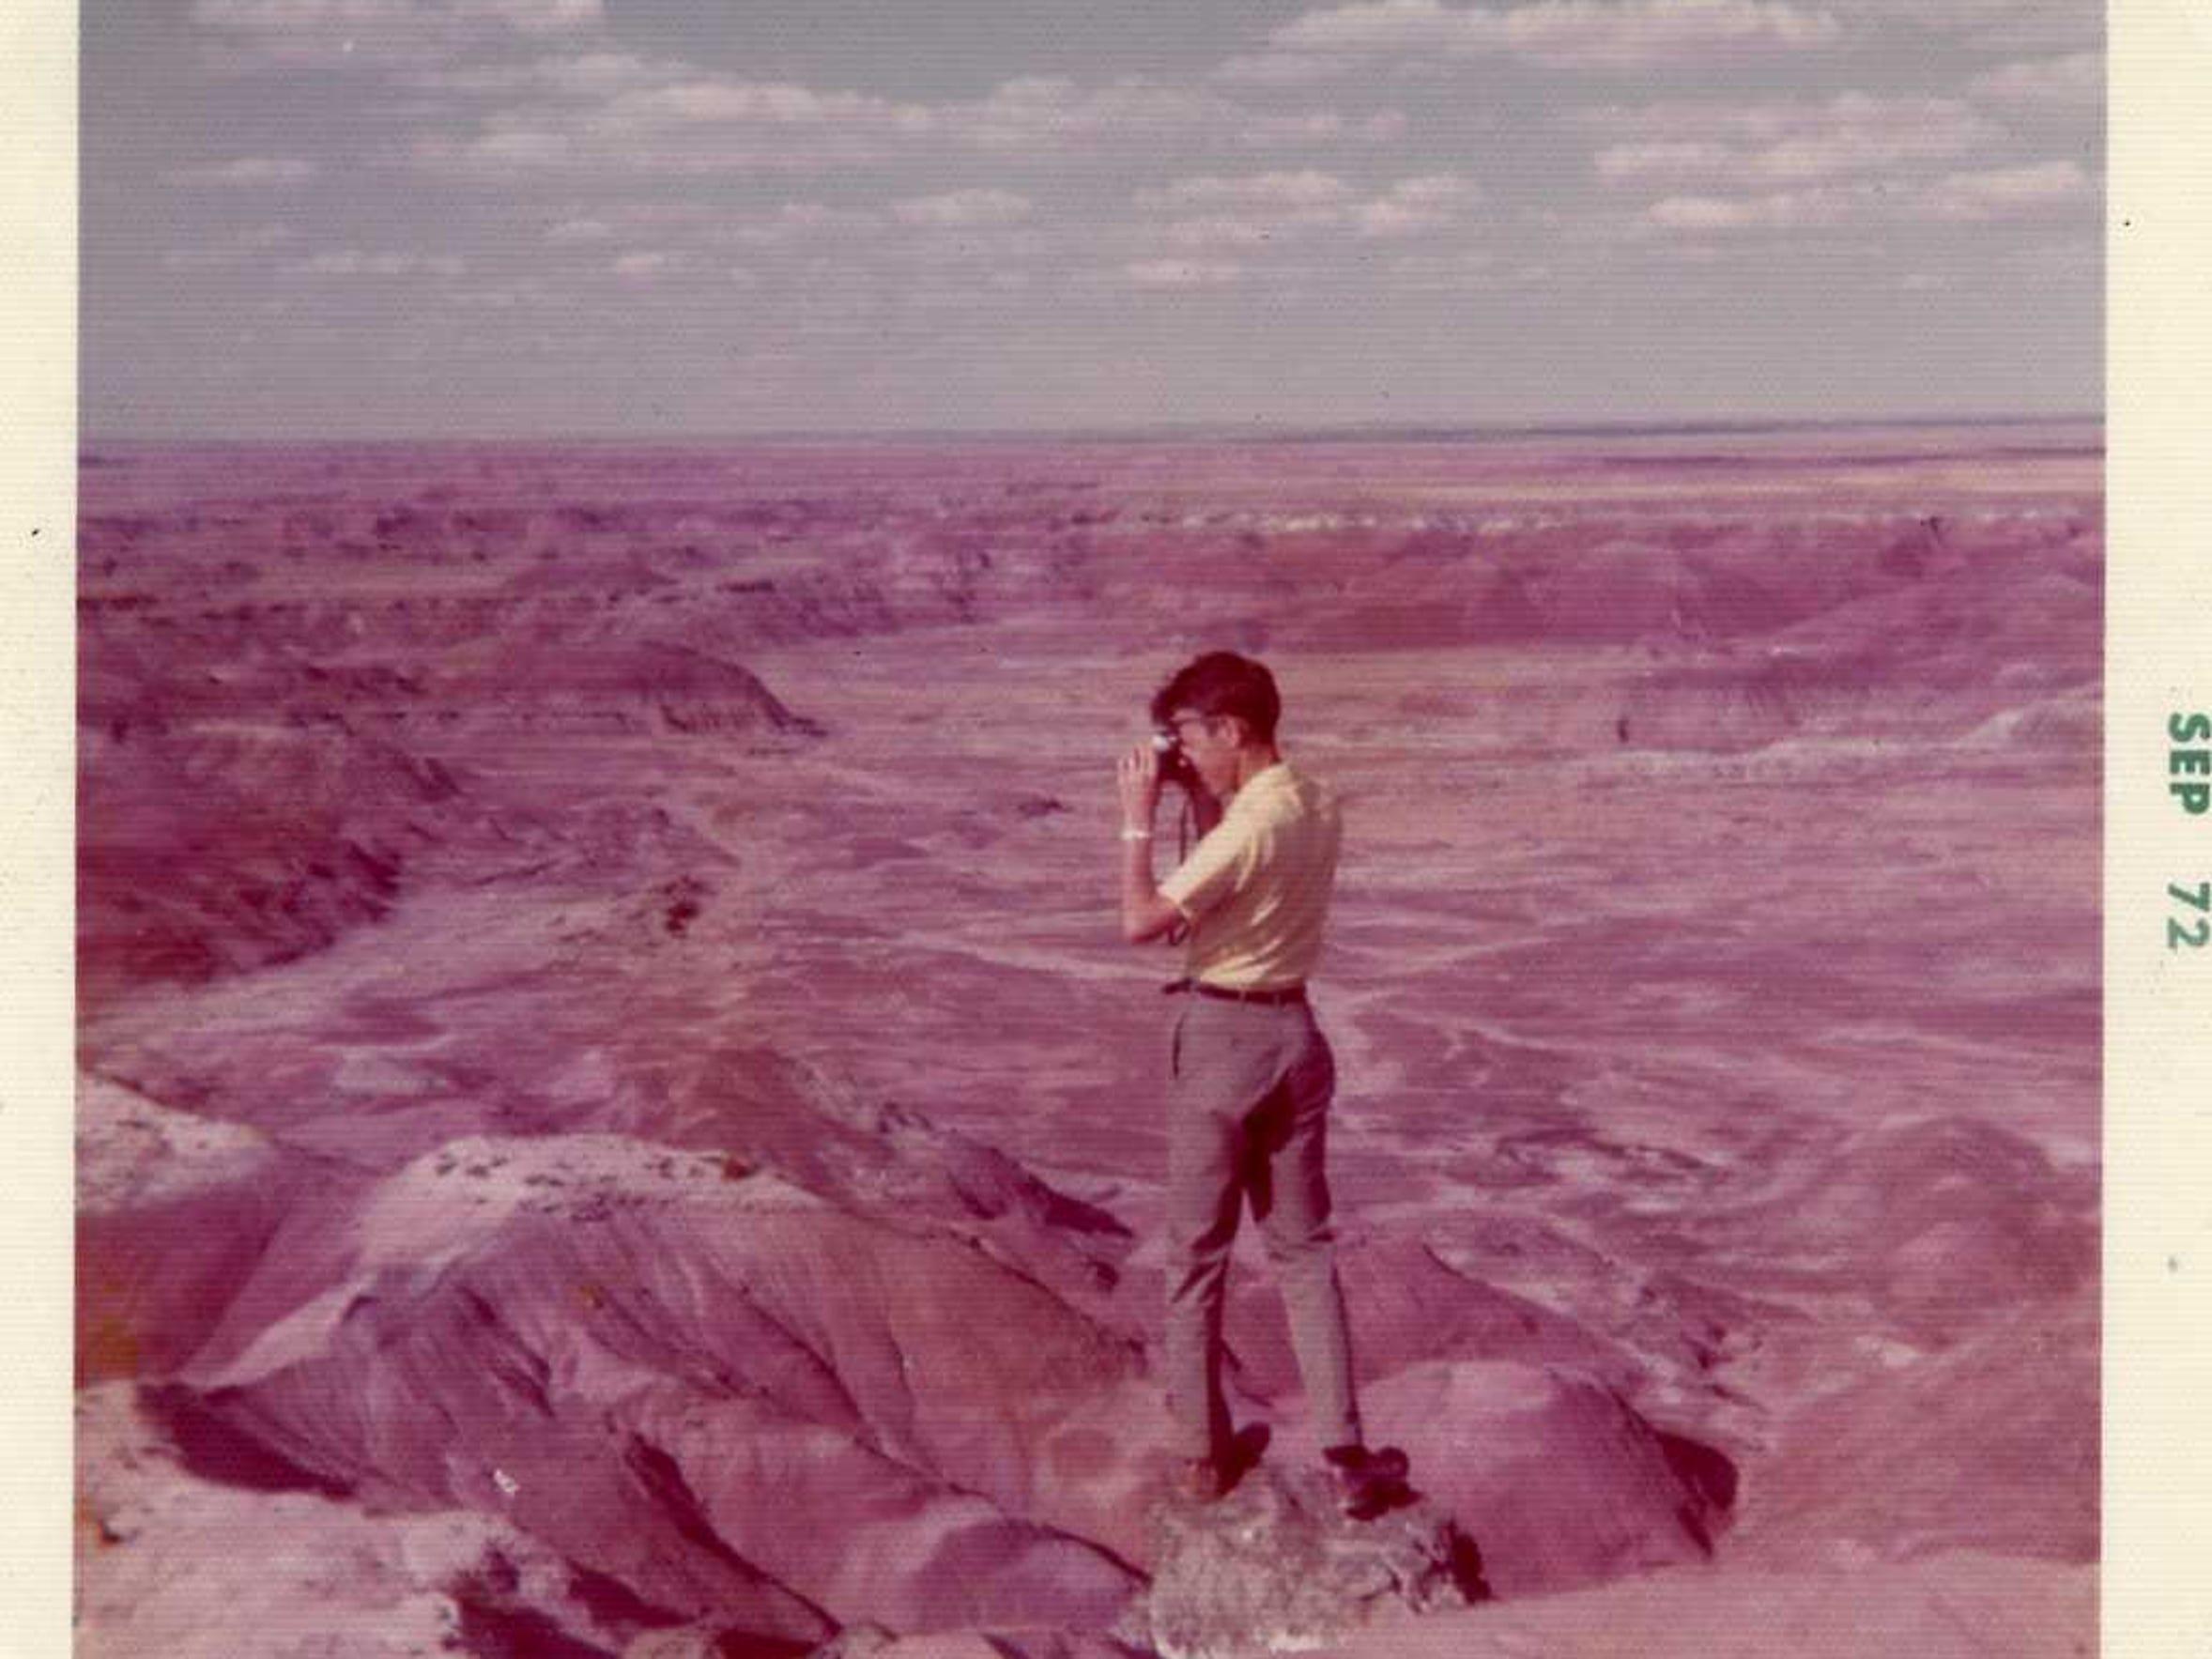 Kujawa takes slides of Painted Desert, Arizona, in